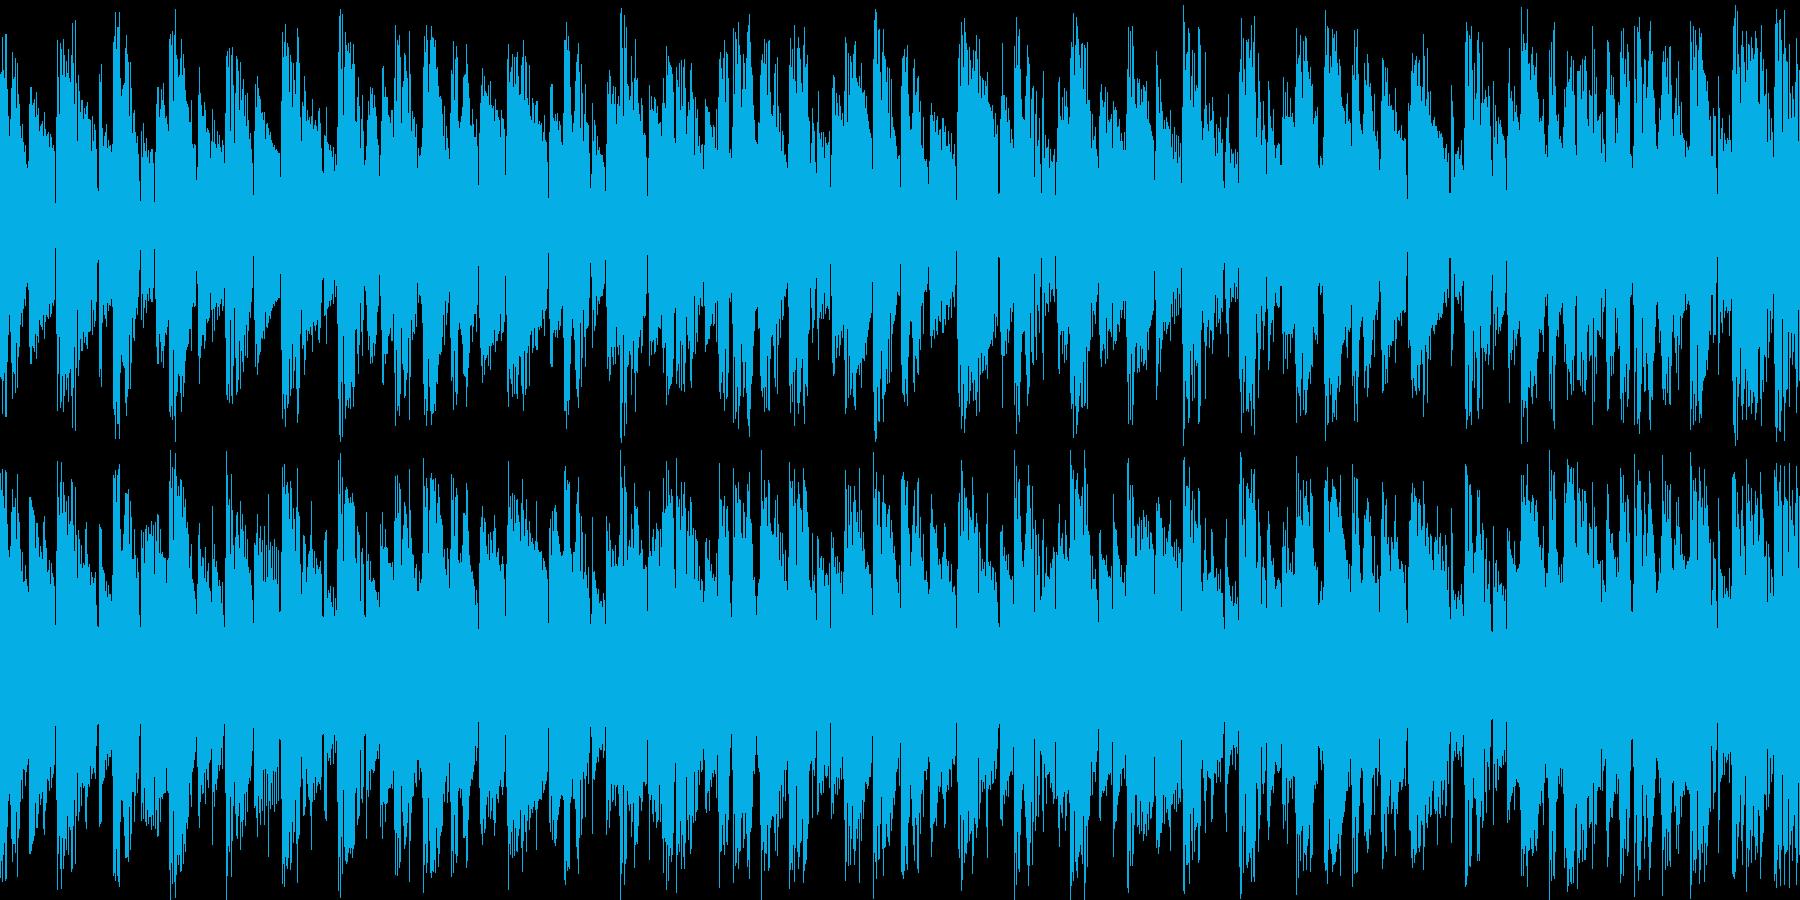 デジロック風四つ打ちループの再生済みの波形